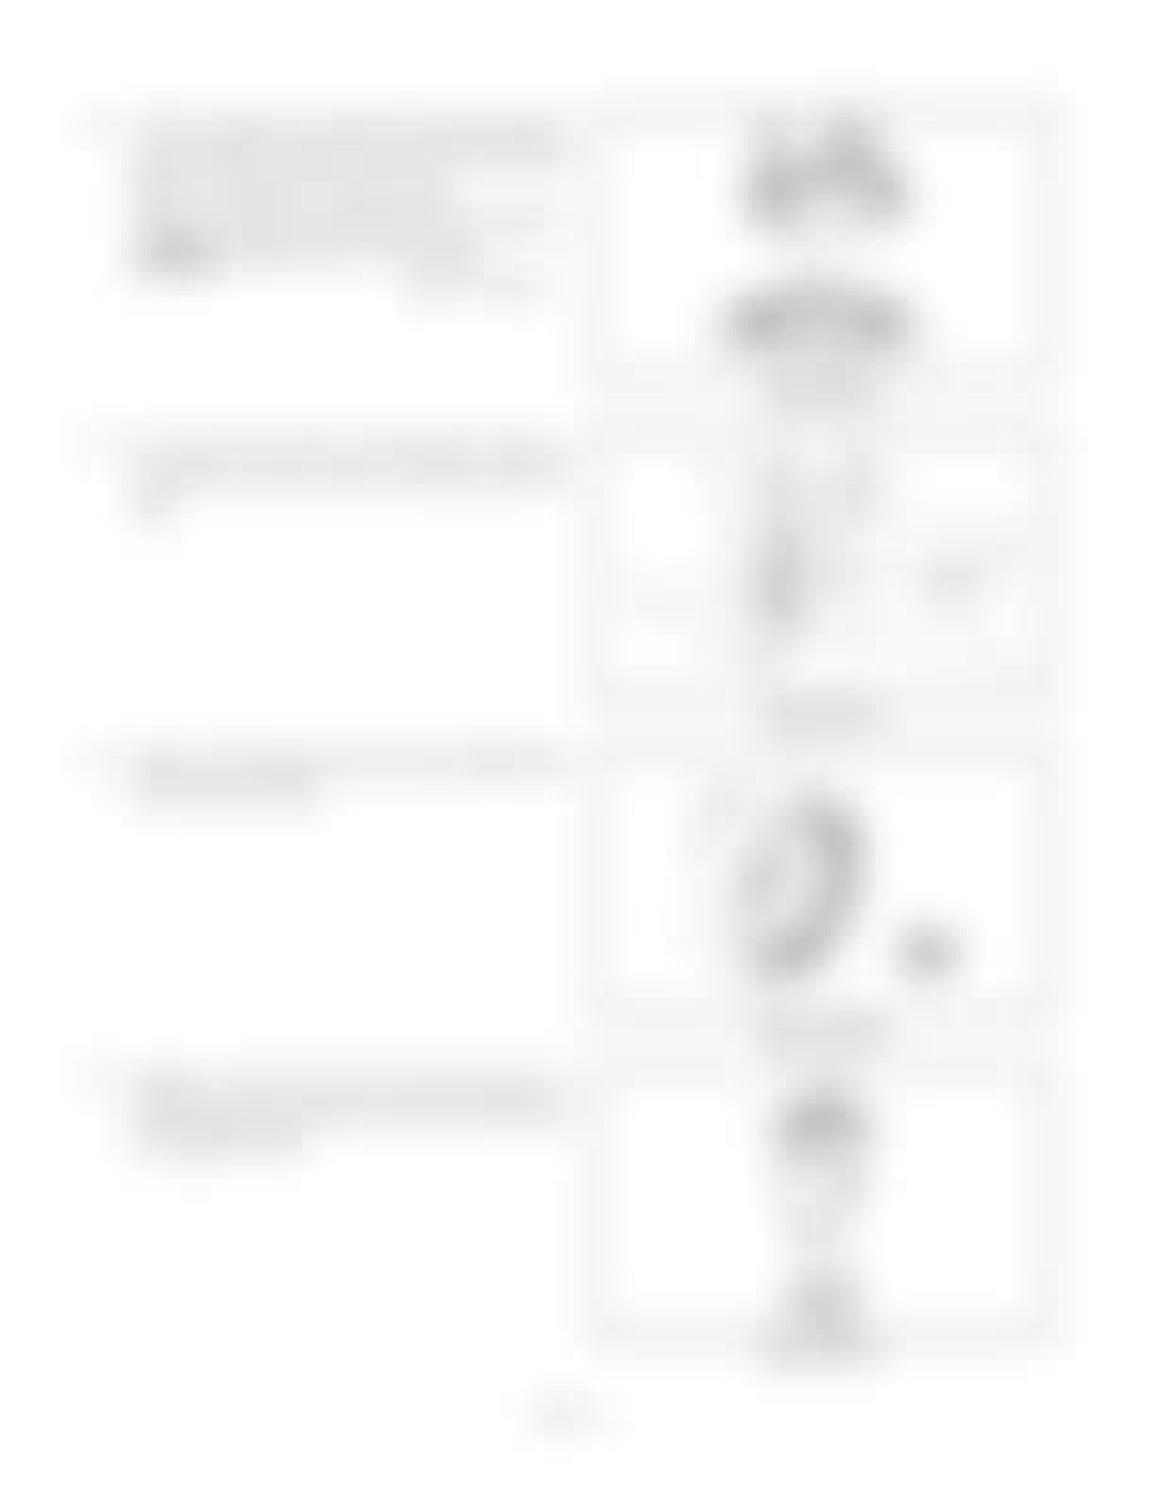 Hitachi LX110-7 LX130-7 LX160-7 LX190-7 LX230-7 Wheel Loader Workshop Manual - PDF DOWNLOAD page 222